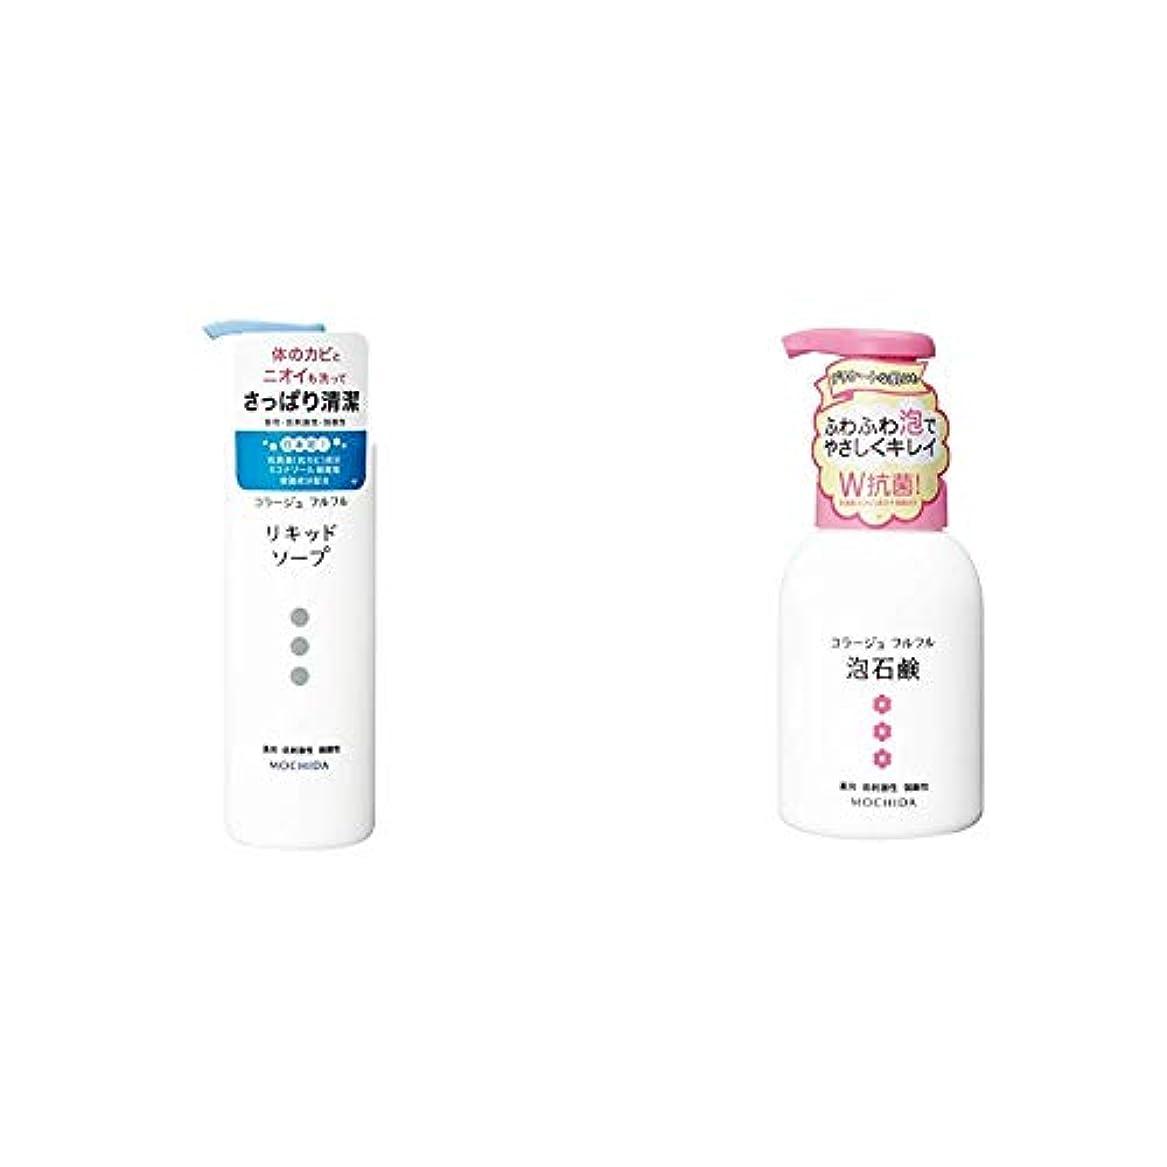 傾向一目優先権コラージュフルフル 液体石鹸 250mL (医薬部外品) & 泡石鹸 ピンク 300m L (医薬部外品)